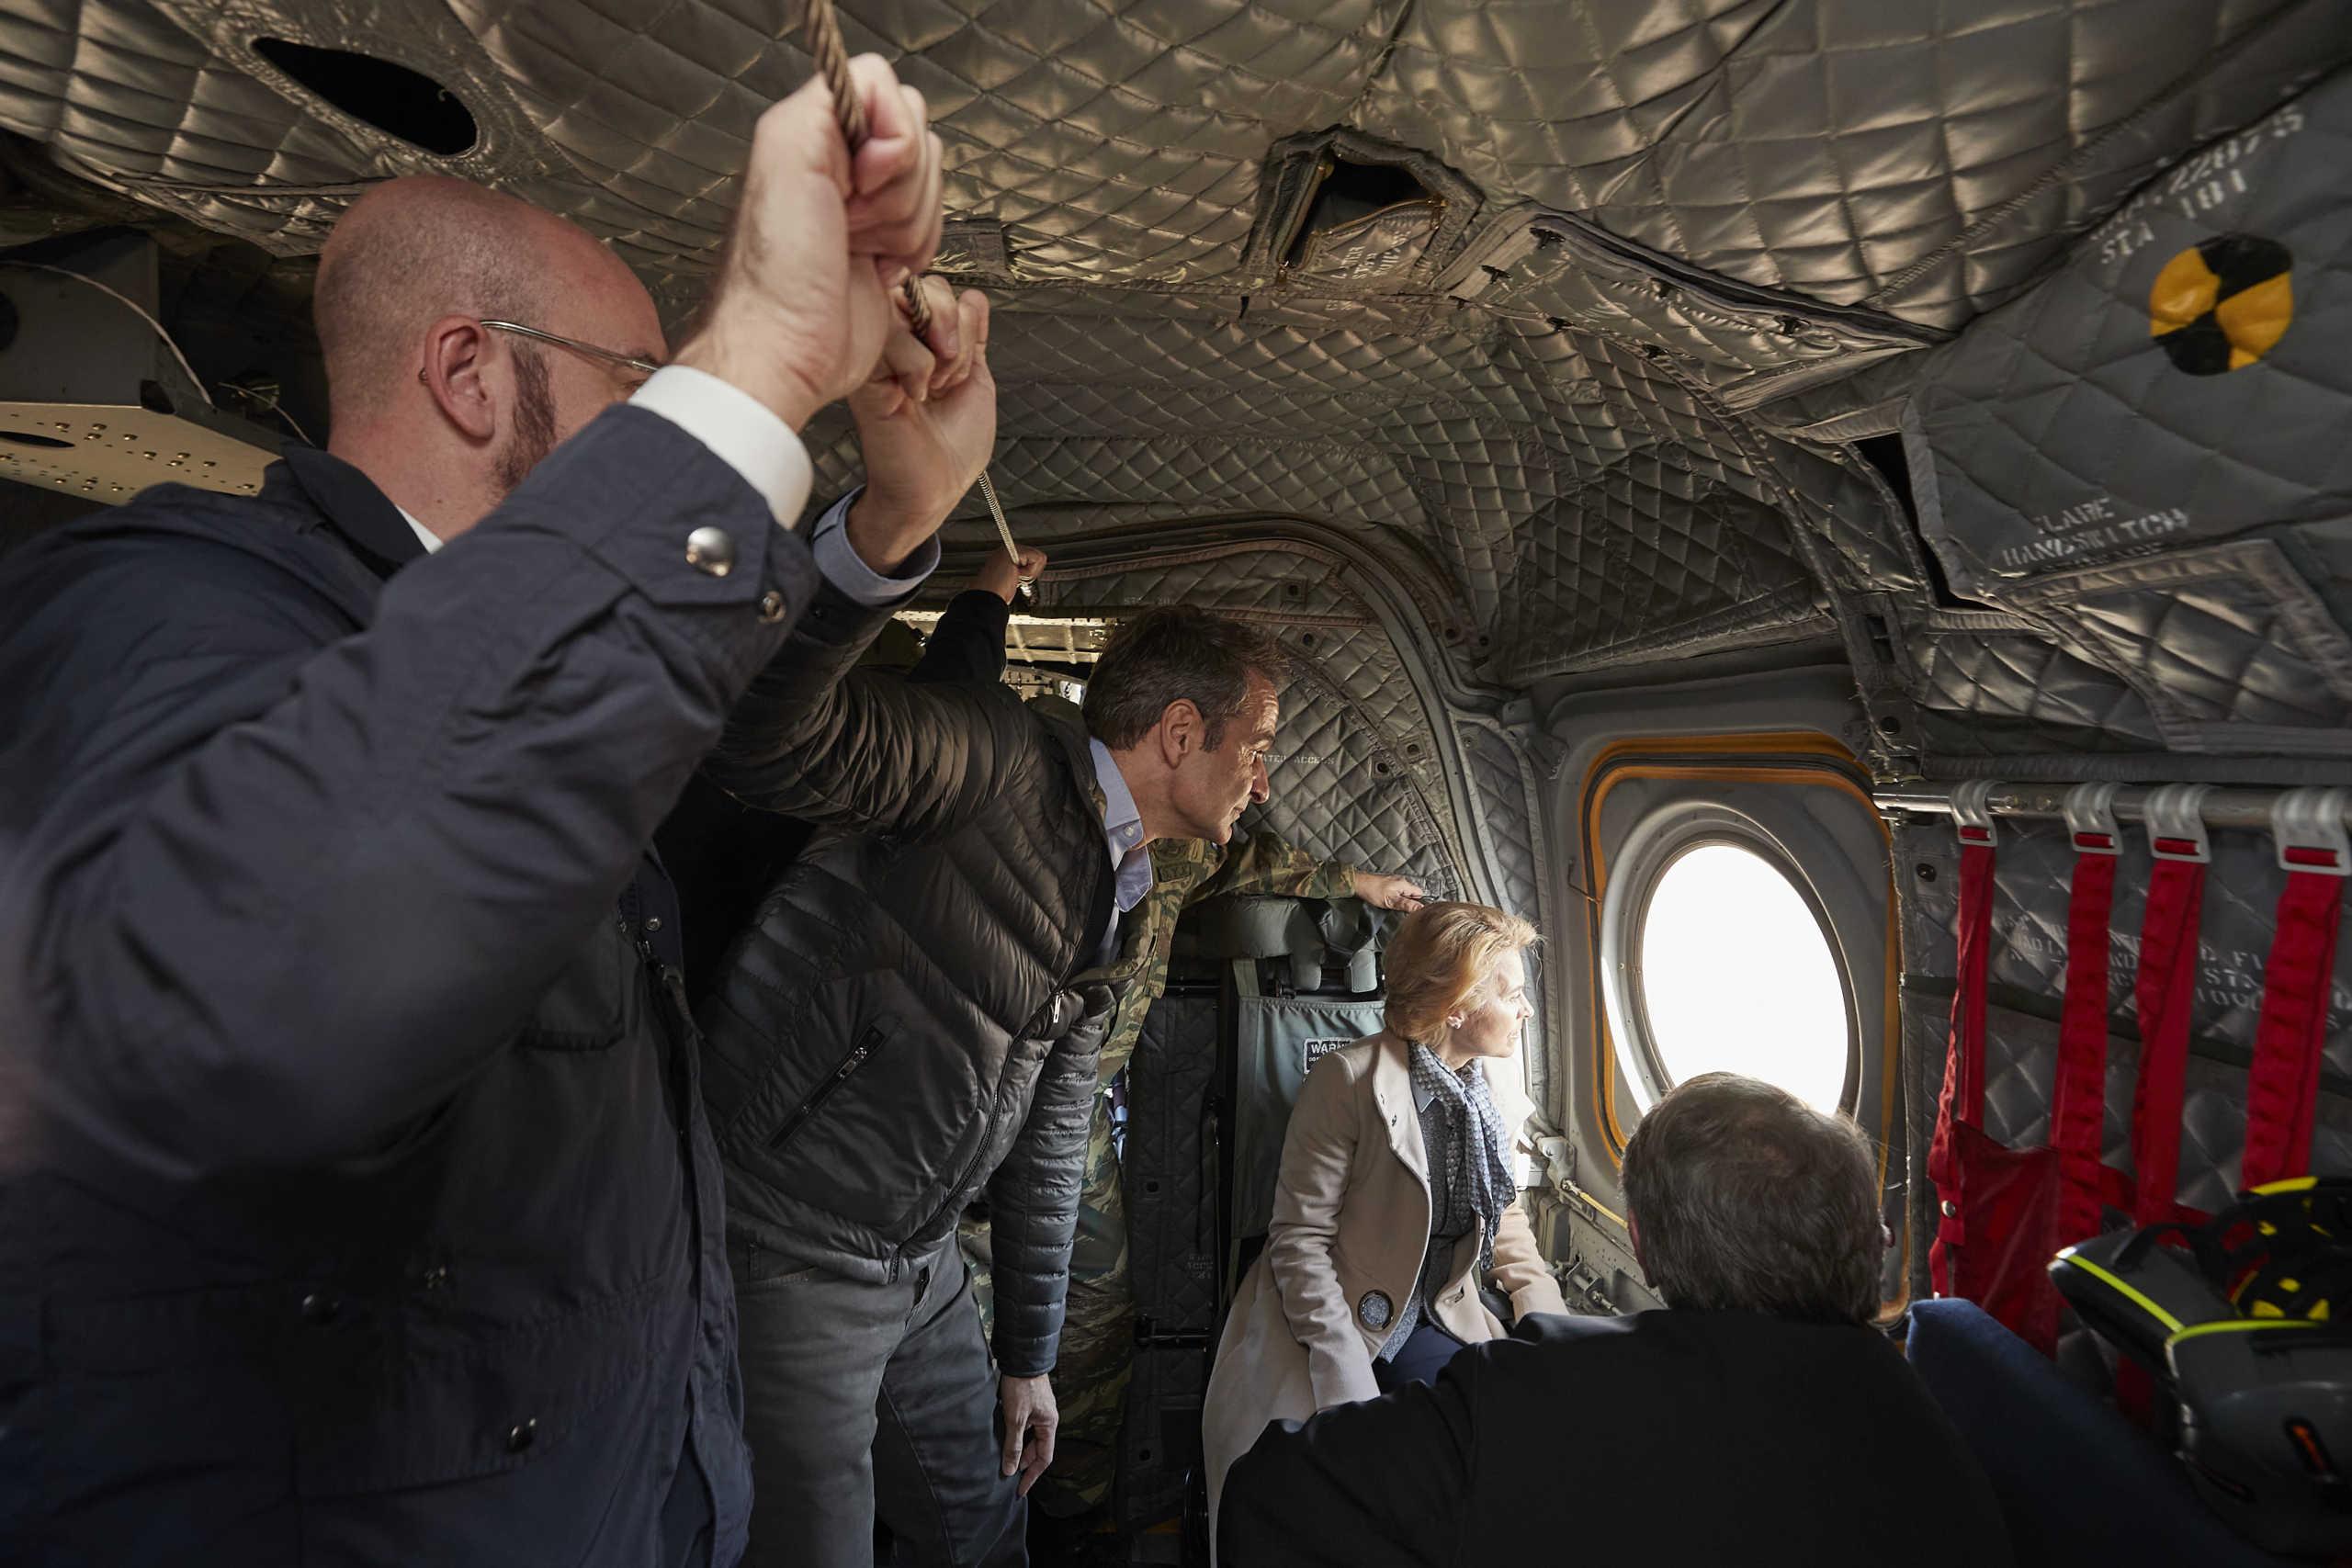 Στην Ελλάδα η ηγεσία της ΕΕ! Πτήση με ελικόπτερο πάνω από τα σύνορα